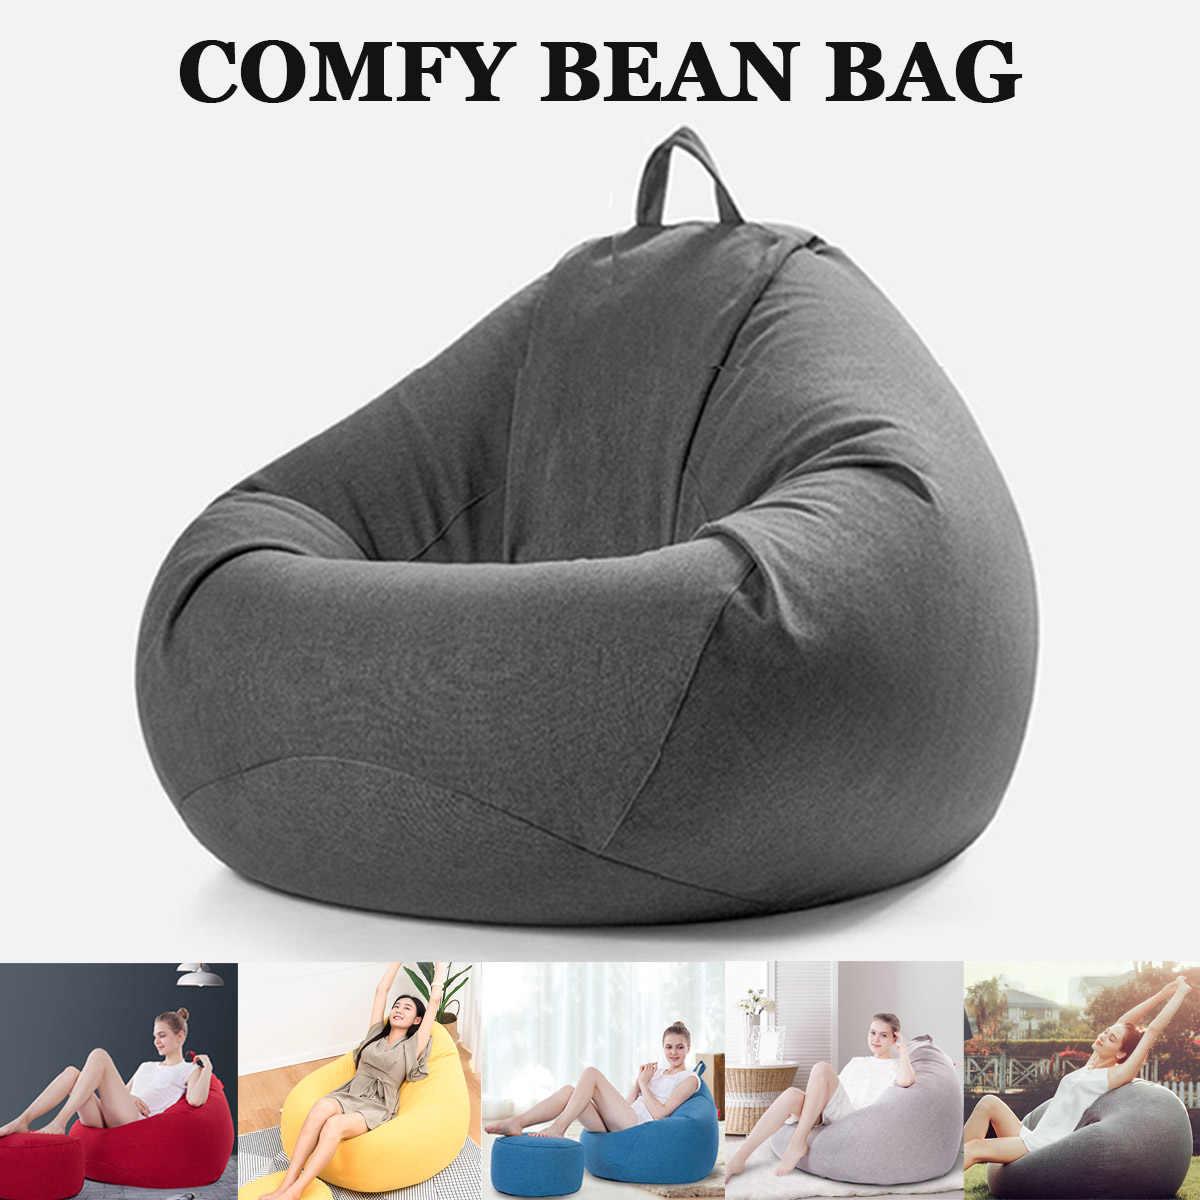 Уютное кресло-мешок диваны без наполнителя льняная ткань шезлонг сиденье Кресло-мешок, фасоль стулья пуф слоеного дивана татами мебель для гостиной